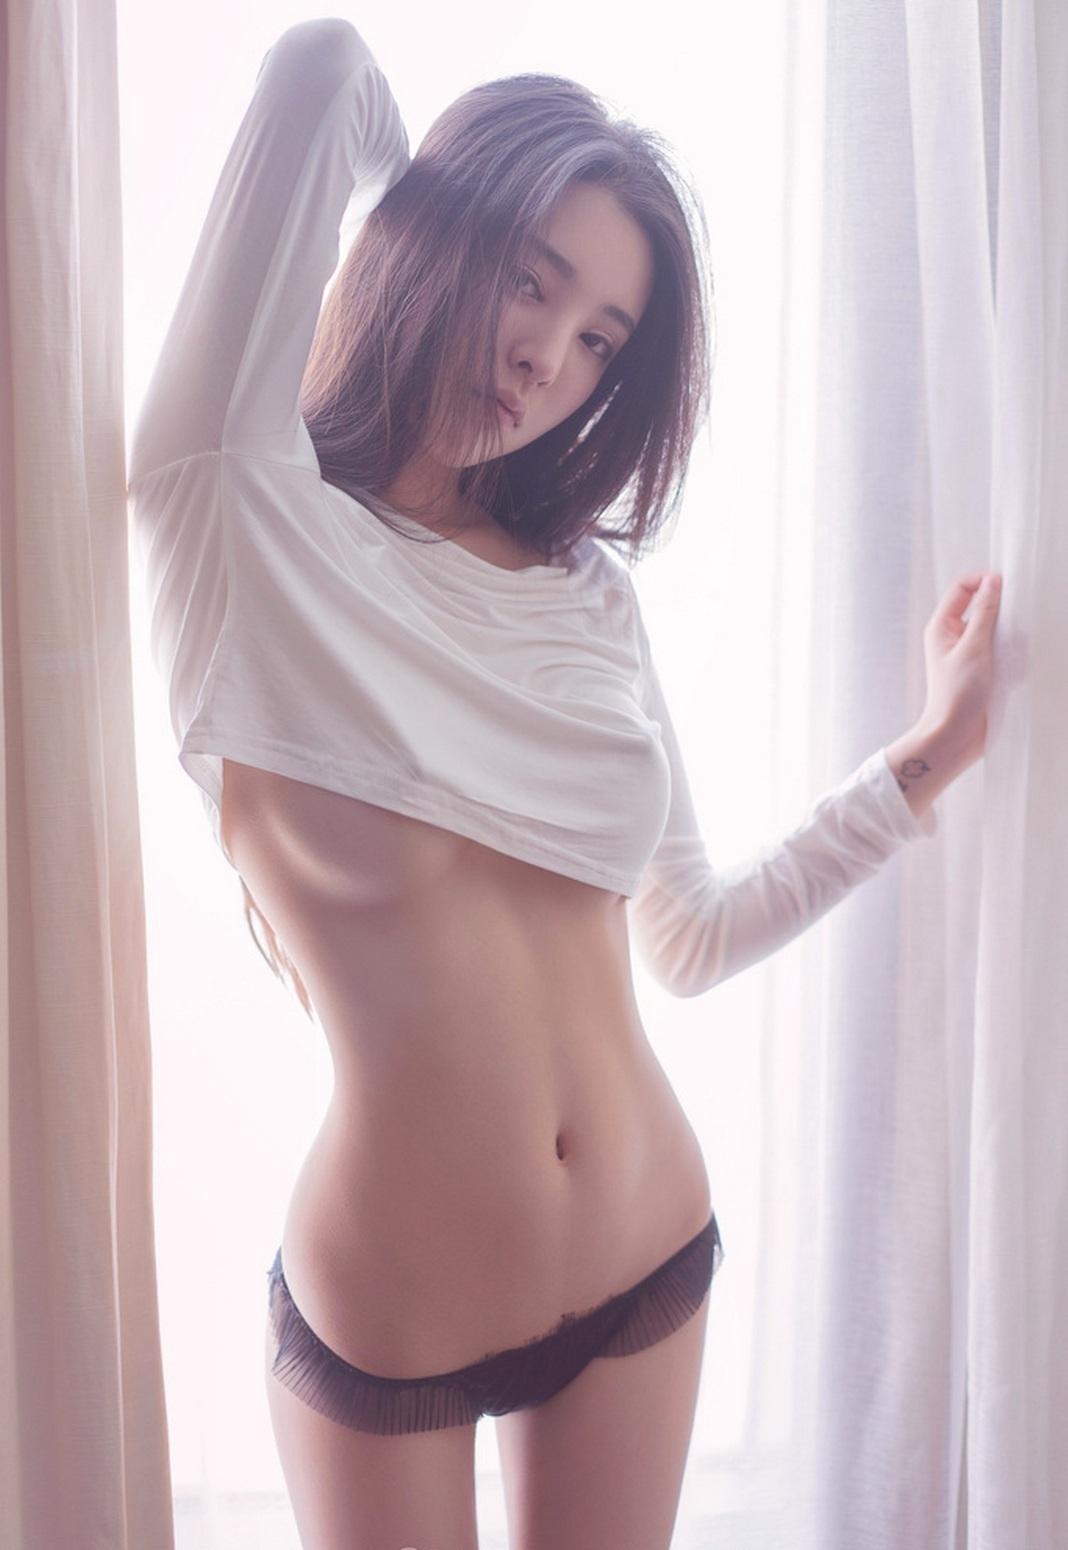 豊胸万歳!韓国美女の着衣巨乳&インスタ自撮りエロ画像65枚・8枚目の画像